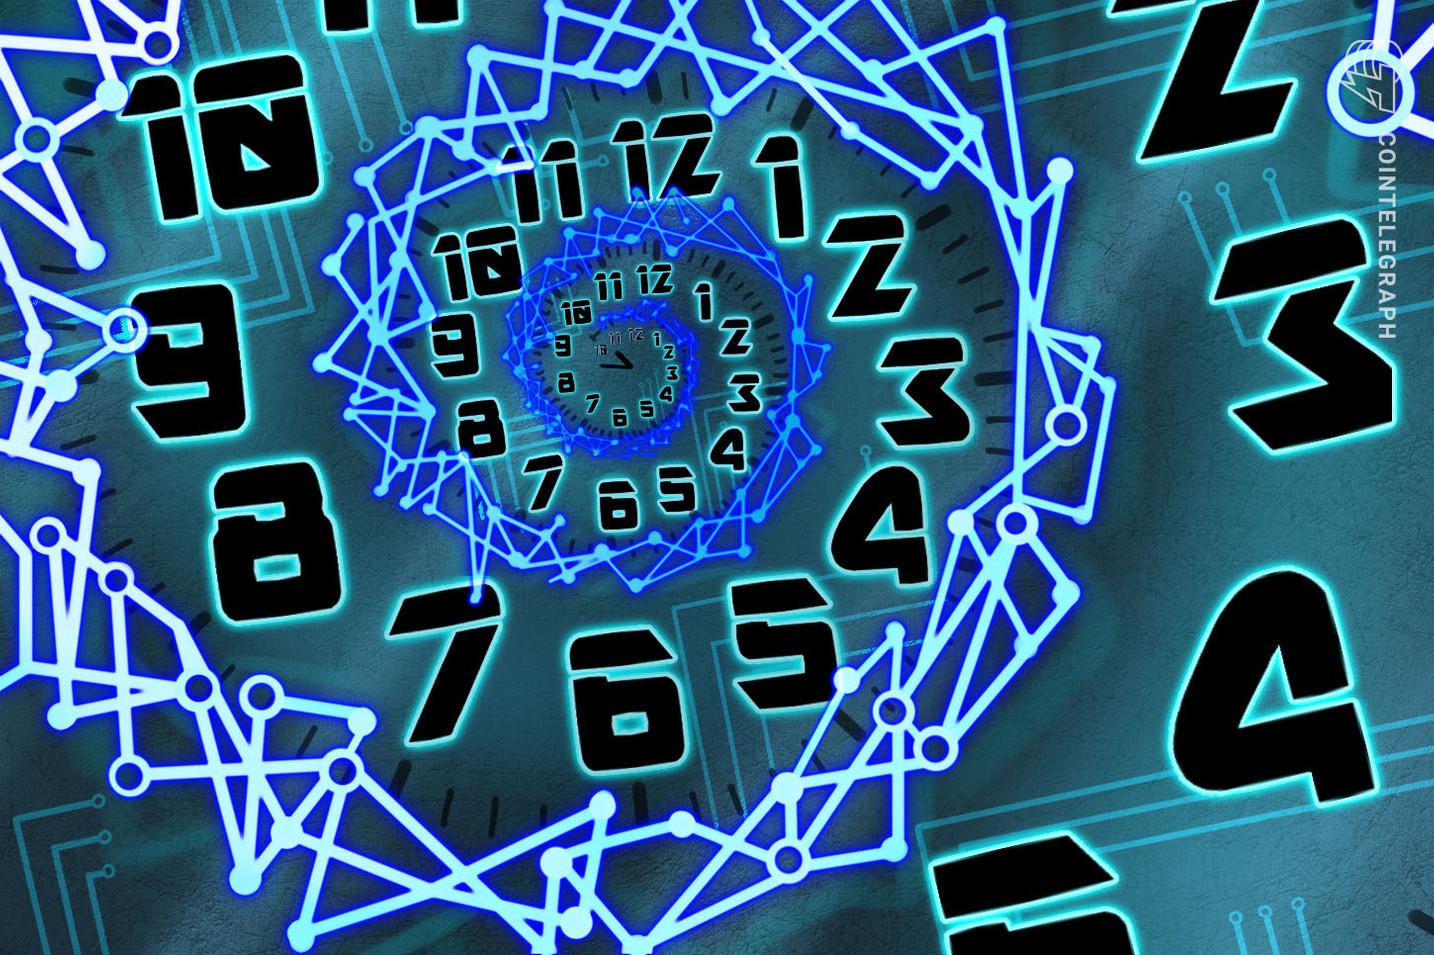 Gartner: Blockchain Will Transform Most Industries in 10 Years